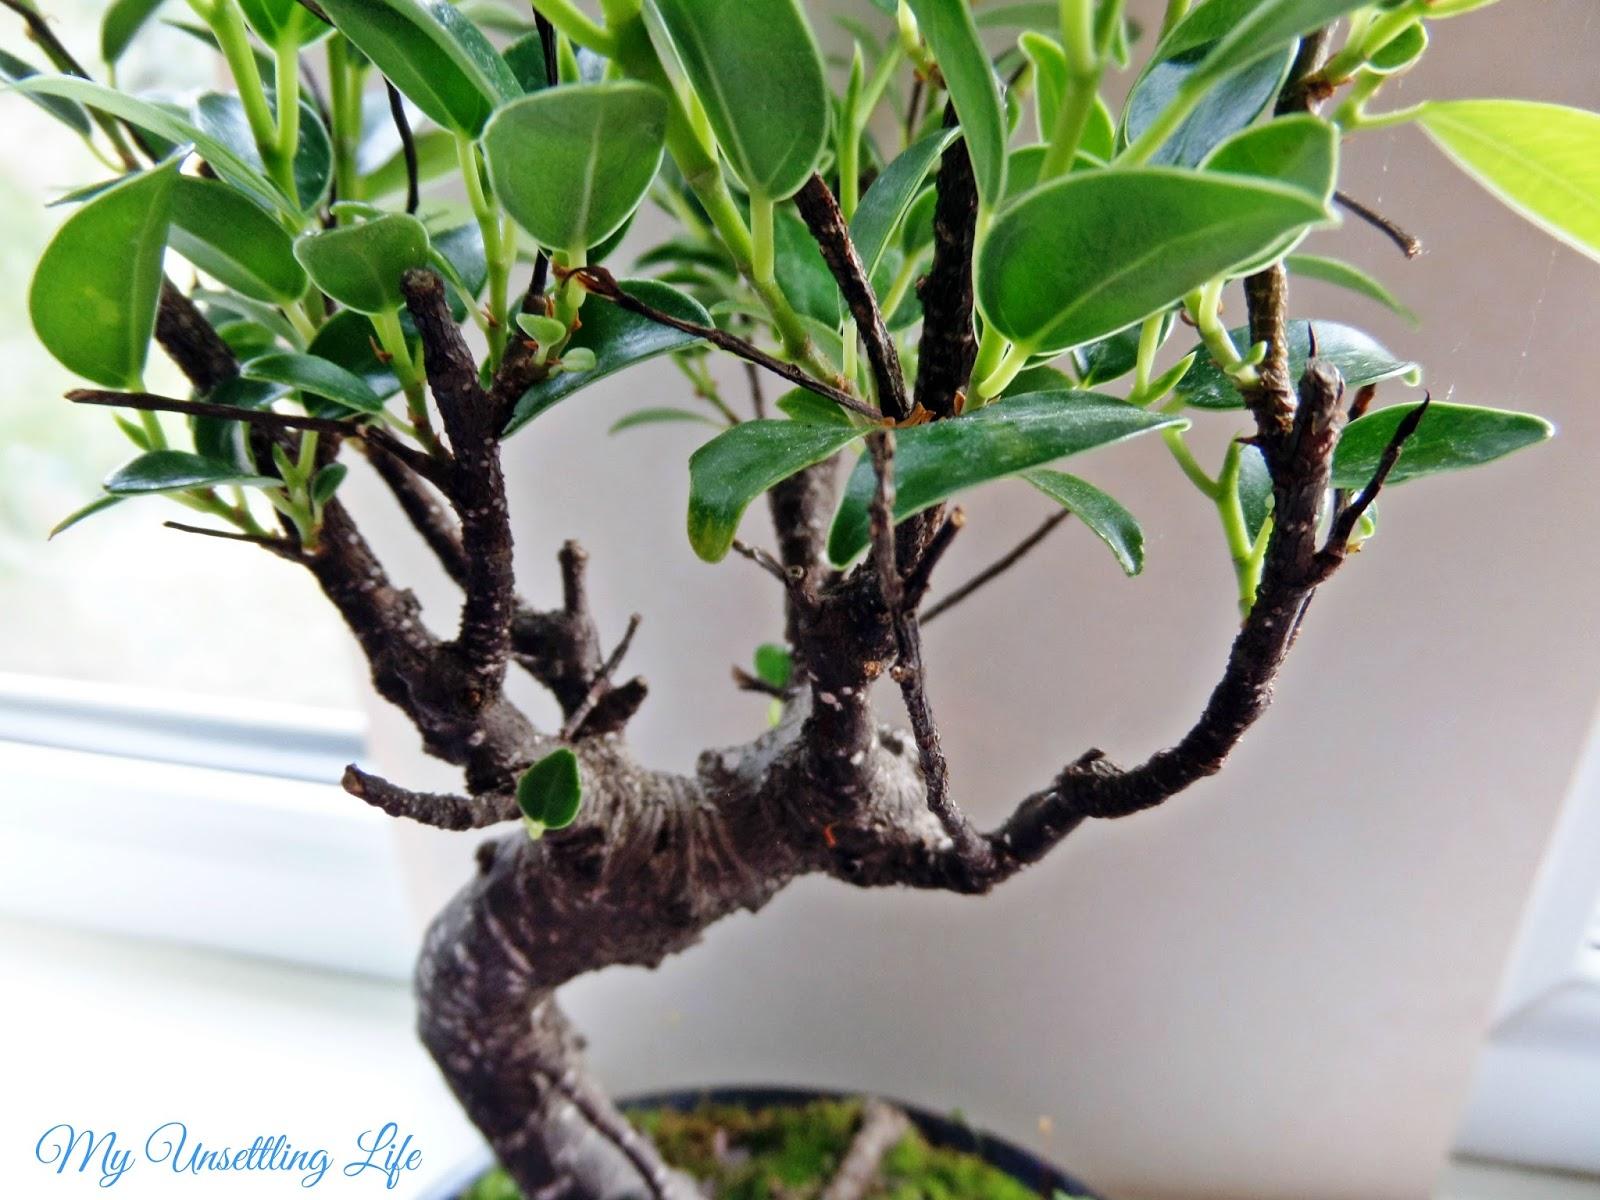 How to take care of a bonsai tree - Where To Put Your Bonsai Tree